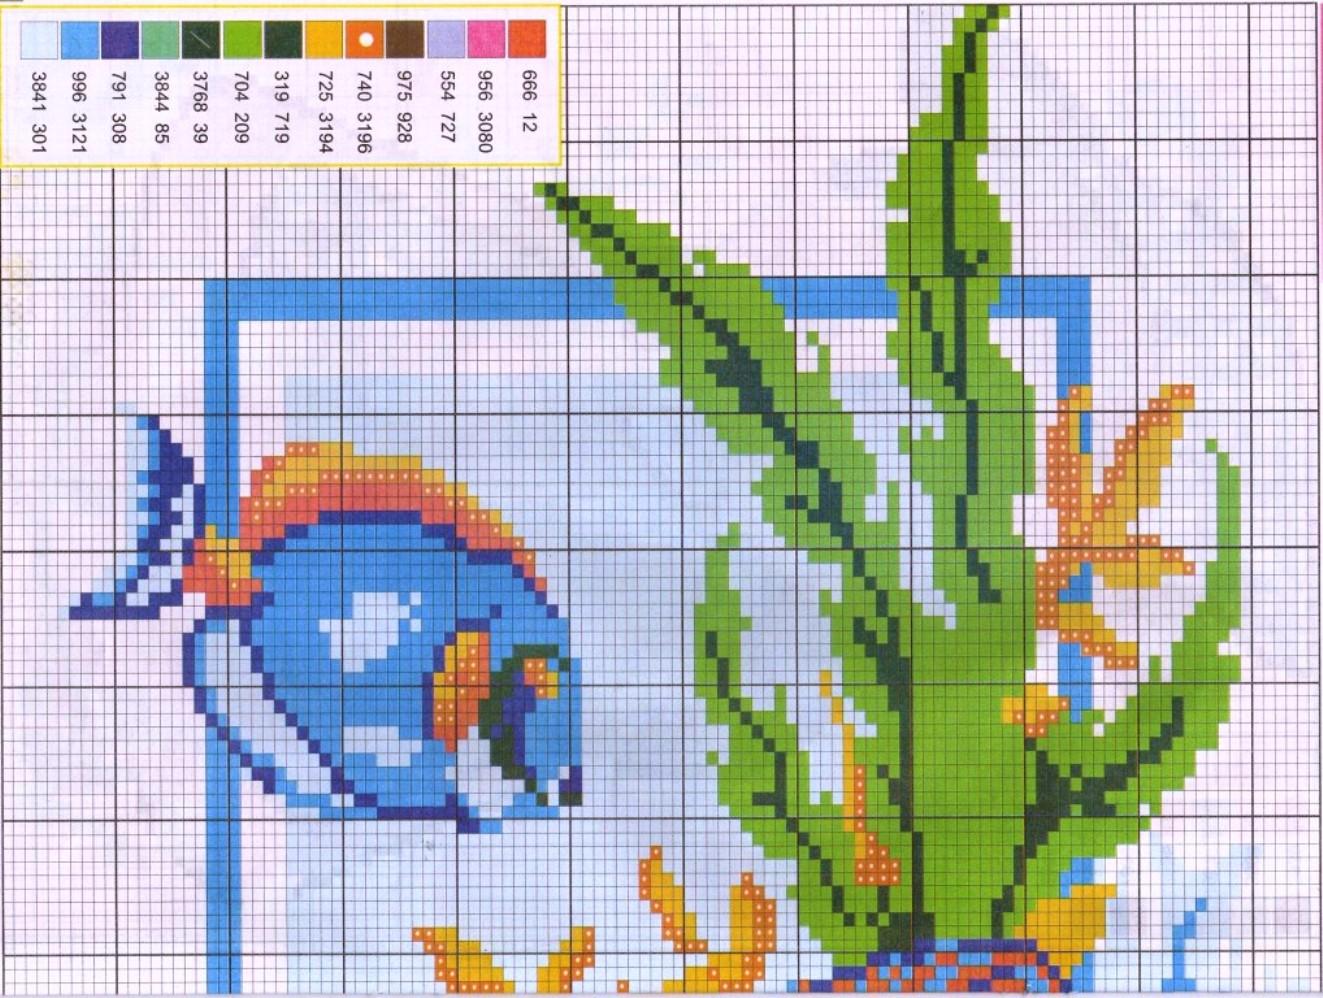 Вышивка крестом схема аквариум